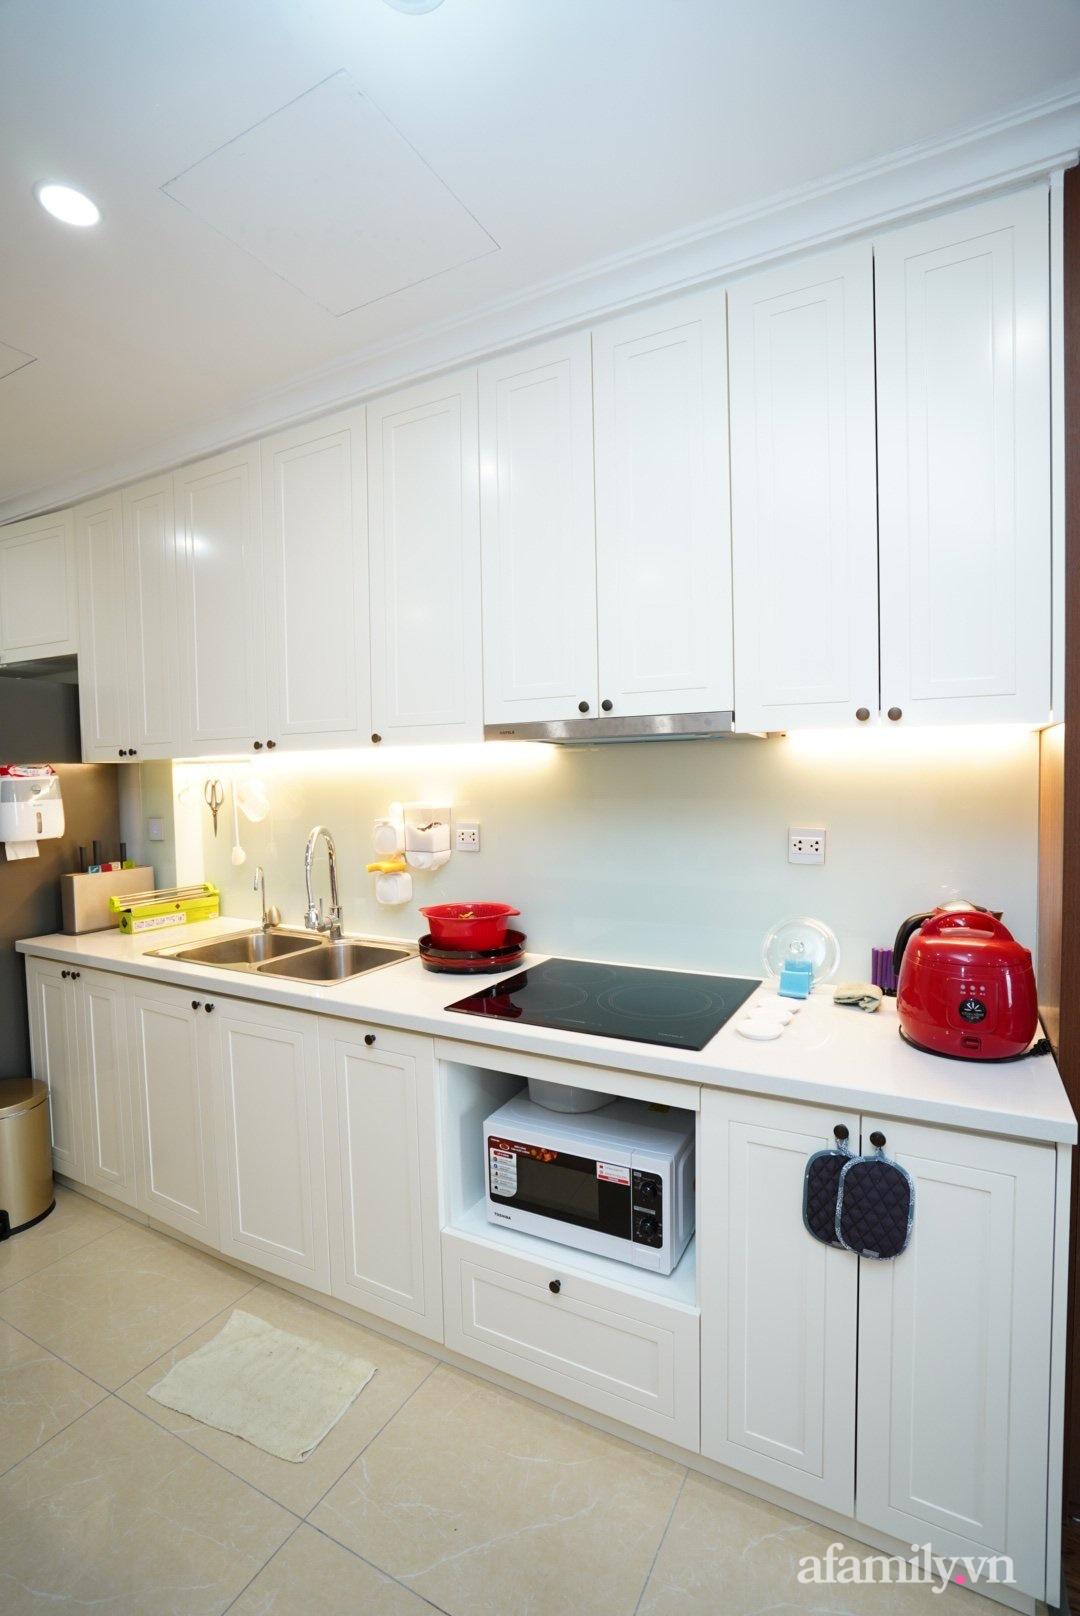 Căn hộ 107m2 đẹp sang trọng với nội thất màu gỗ óc chó có chi phí hoàn thiện 150 triệu đồng ở Hà Nội - Ảnh 7.